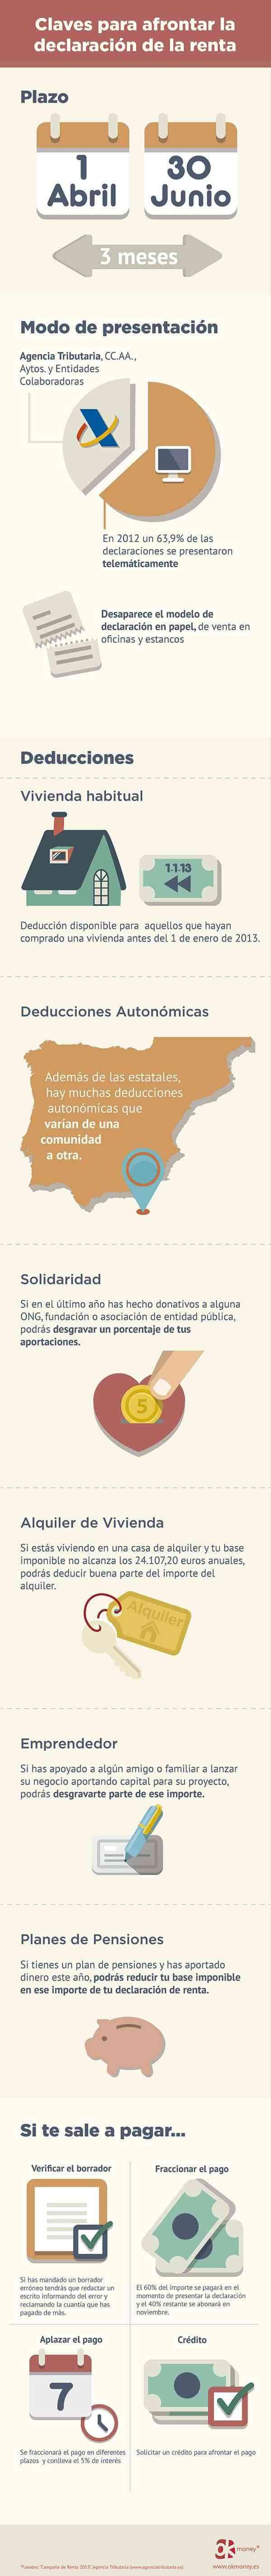 Infografía con clave para afrontar la declaración de la renta